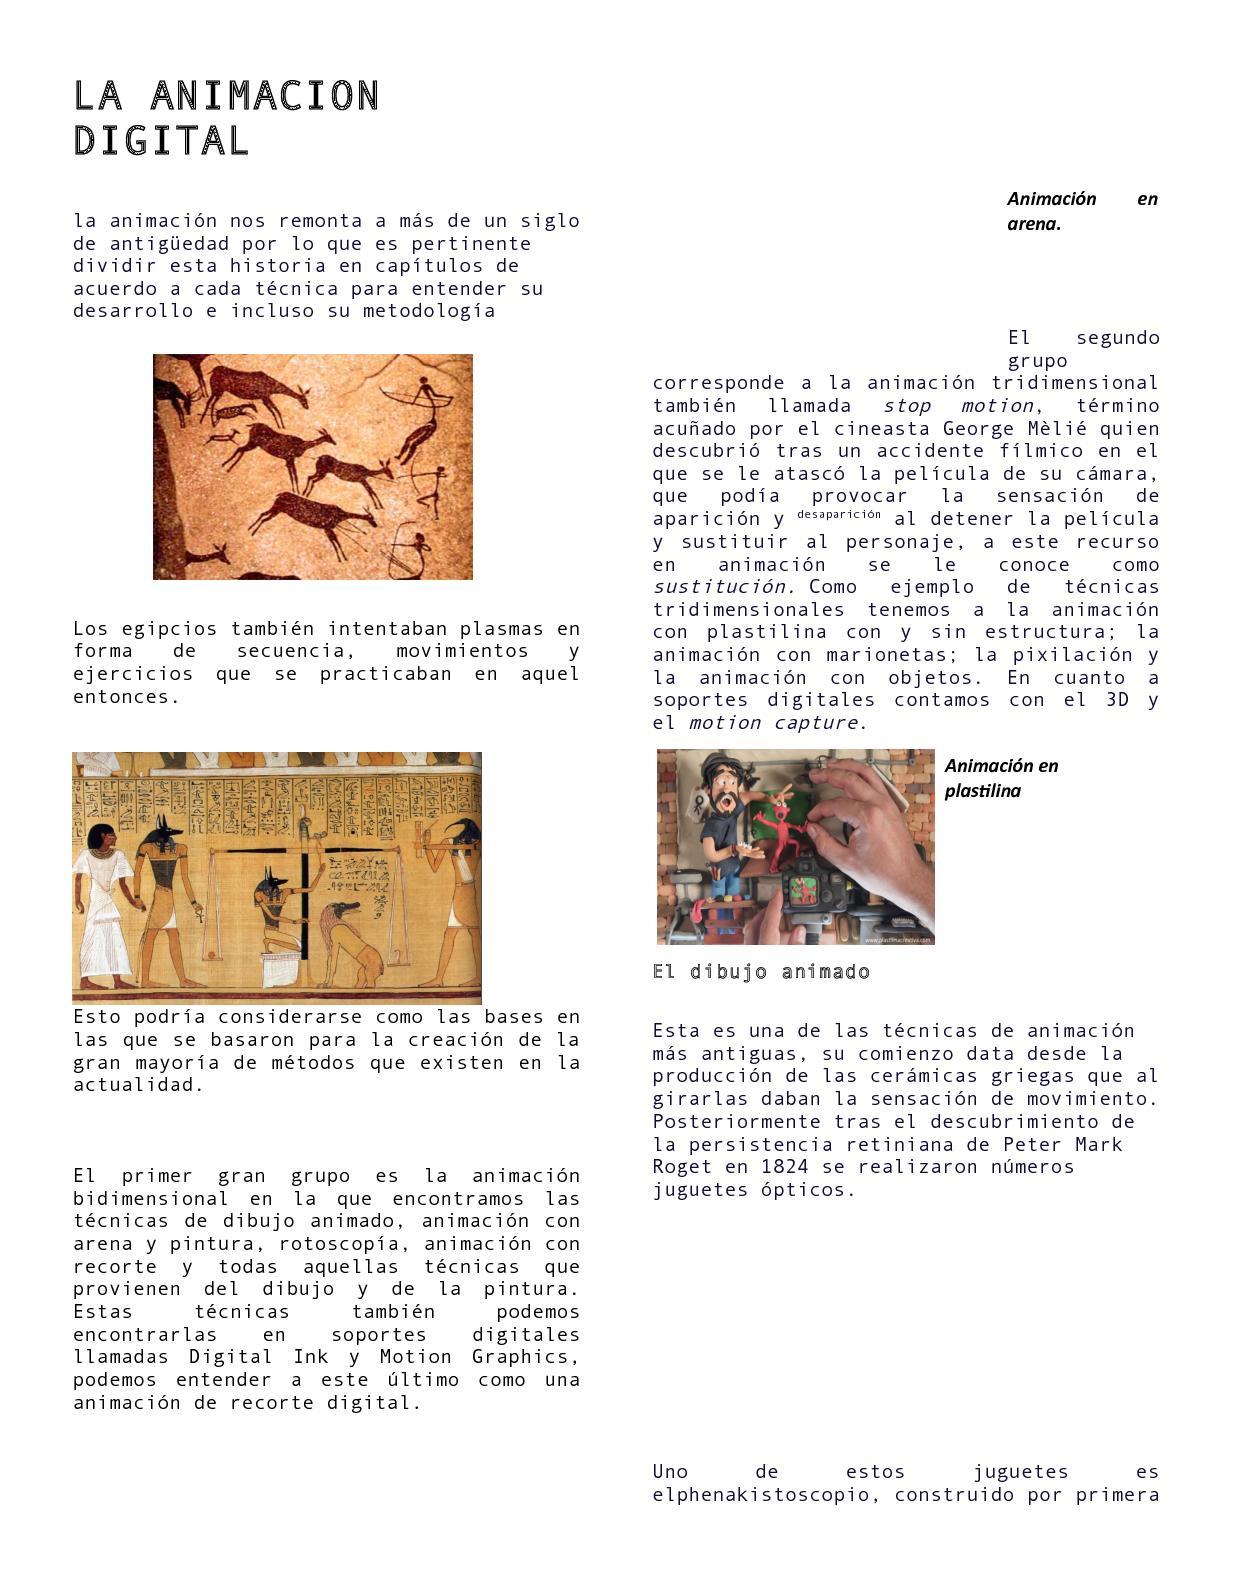 Historia De La Animacion Digital